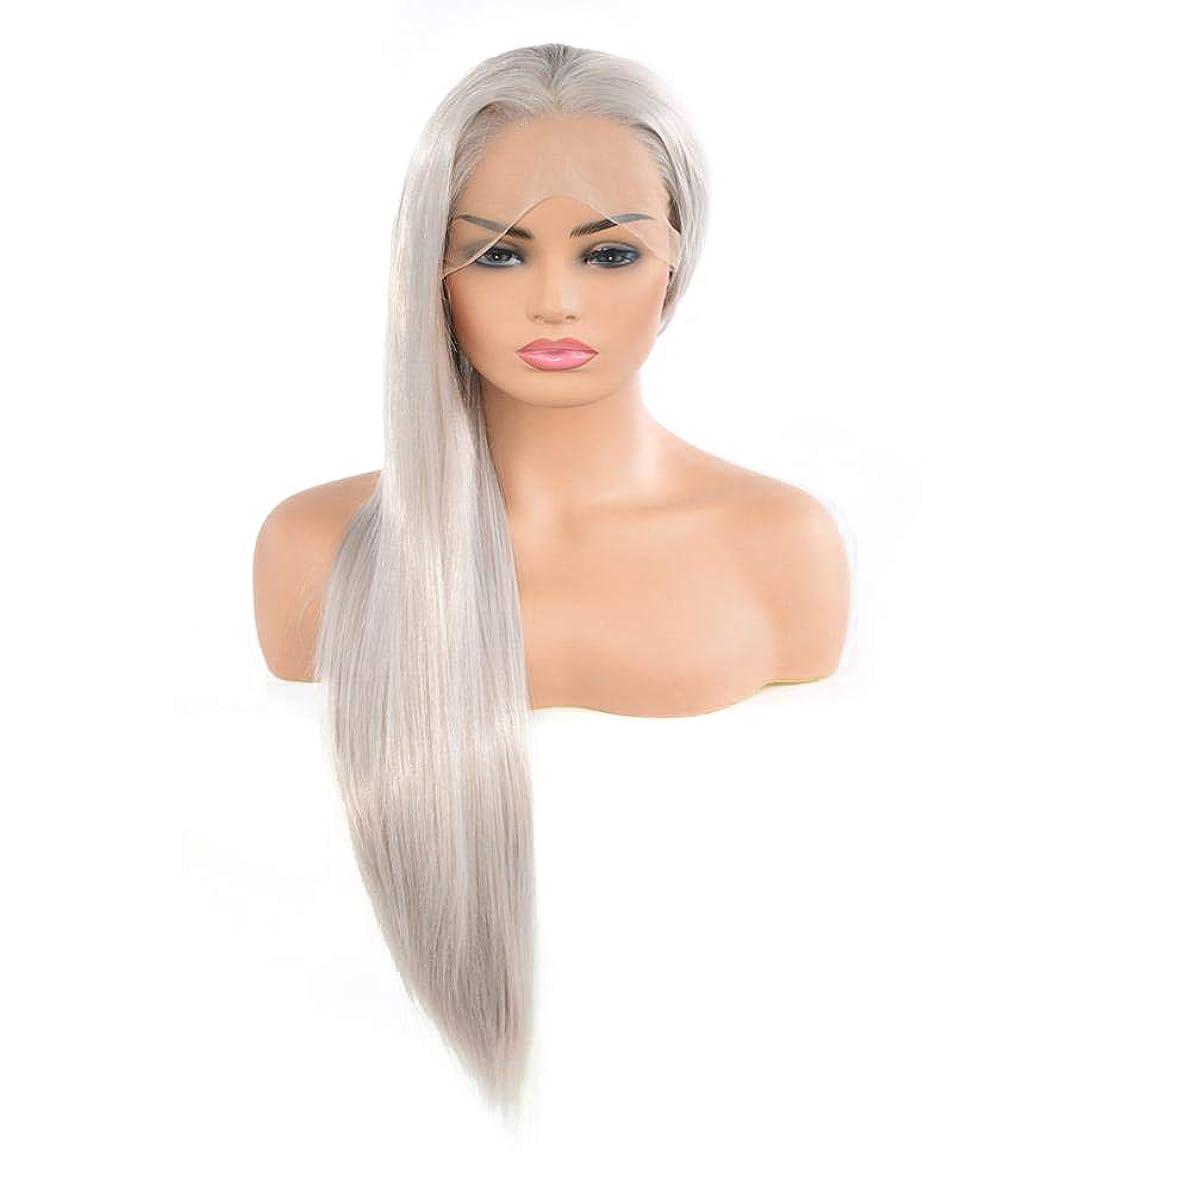 勤勉な隣接予約Yrattary 女性用シルバーグレーロングストレートヘアレースウィッグ耐熱繊維複合ヘアレースウィッグロールプレイングウィッグ (色 : Silver gray)